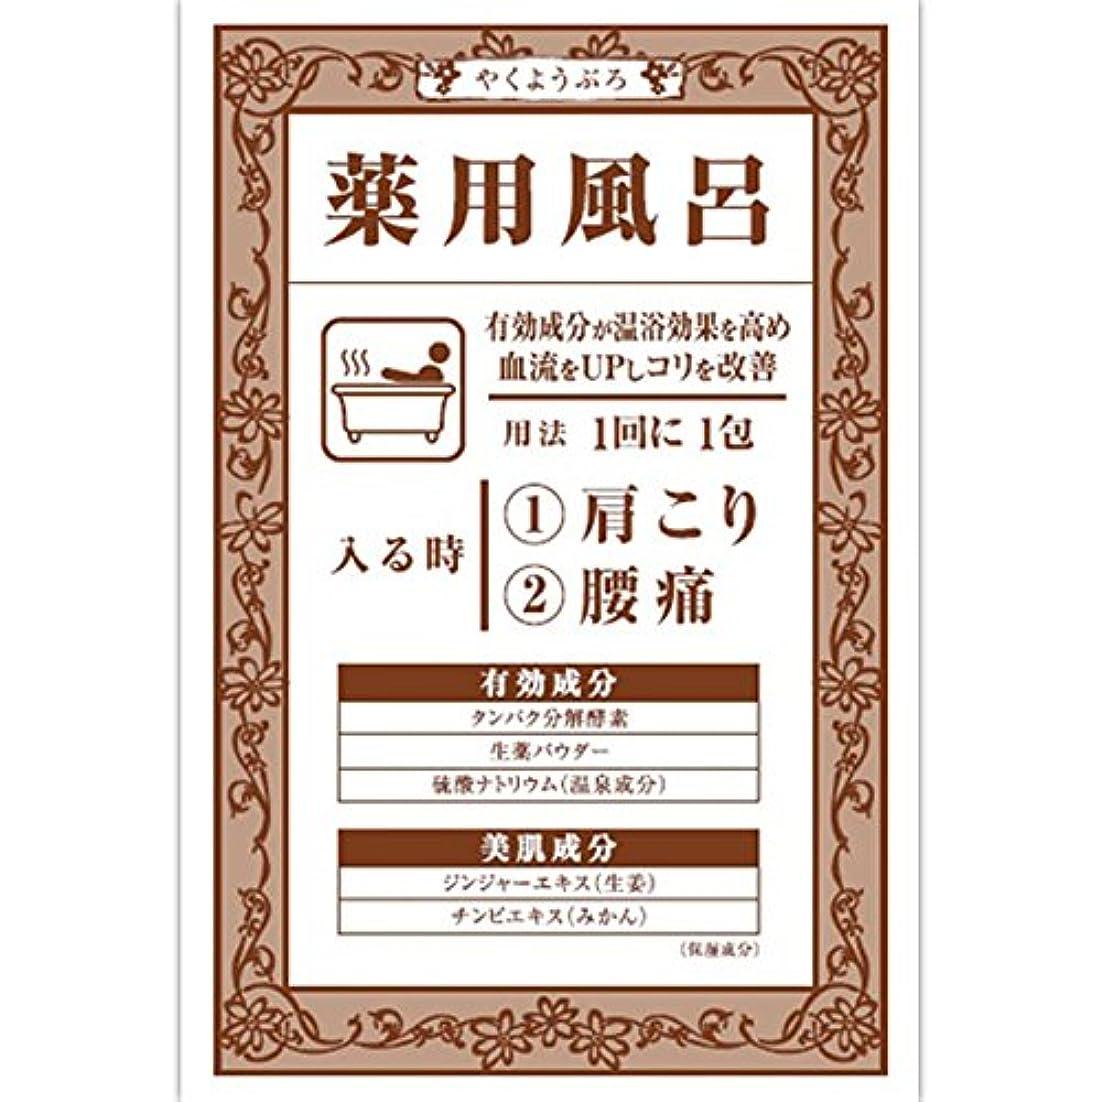 設計アンタゴニスト裏切る大山 薬用風呂KKa(肩こり?腰痛) 40G(医薬部外品)